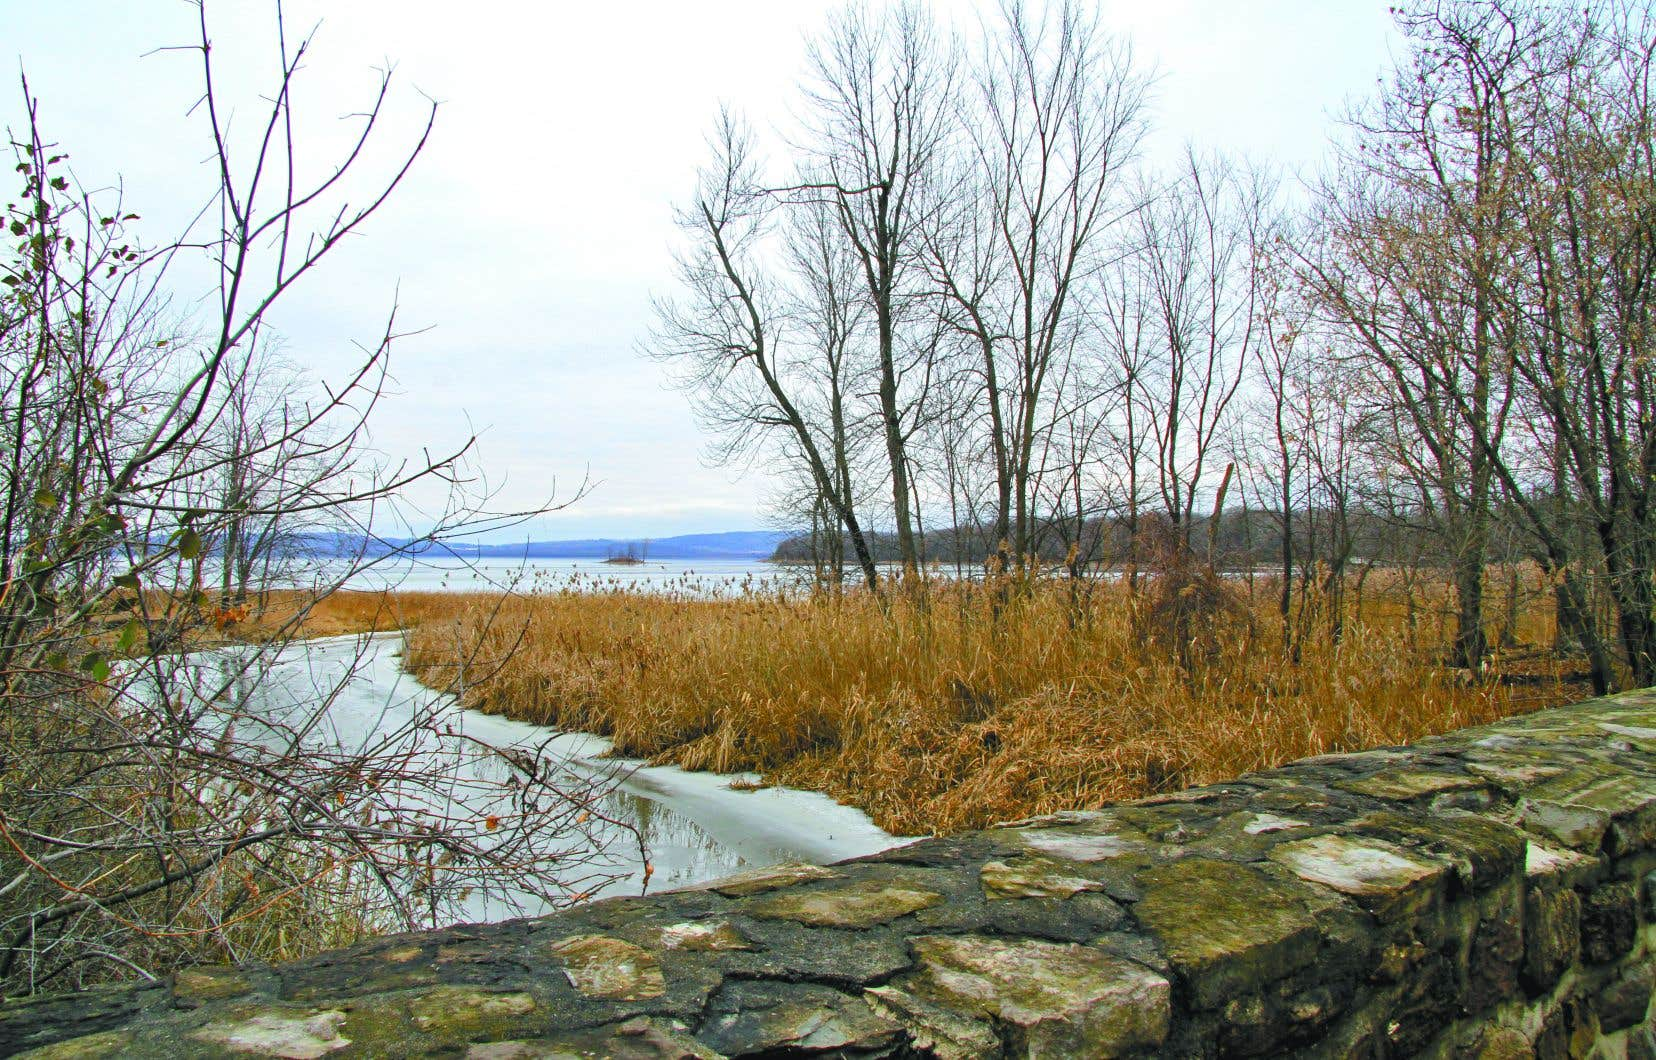 L'embouchure de la rivière à l'Orme, qui se déverse dans le lac des Deux Montagnes, fait partie du projet du Grand parc de l'Ouest.